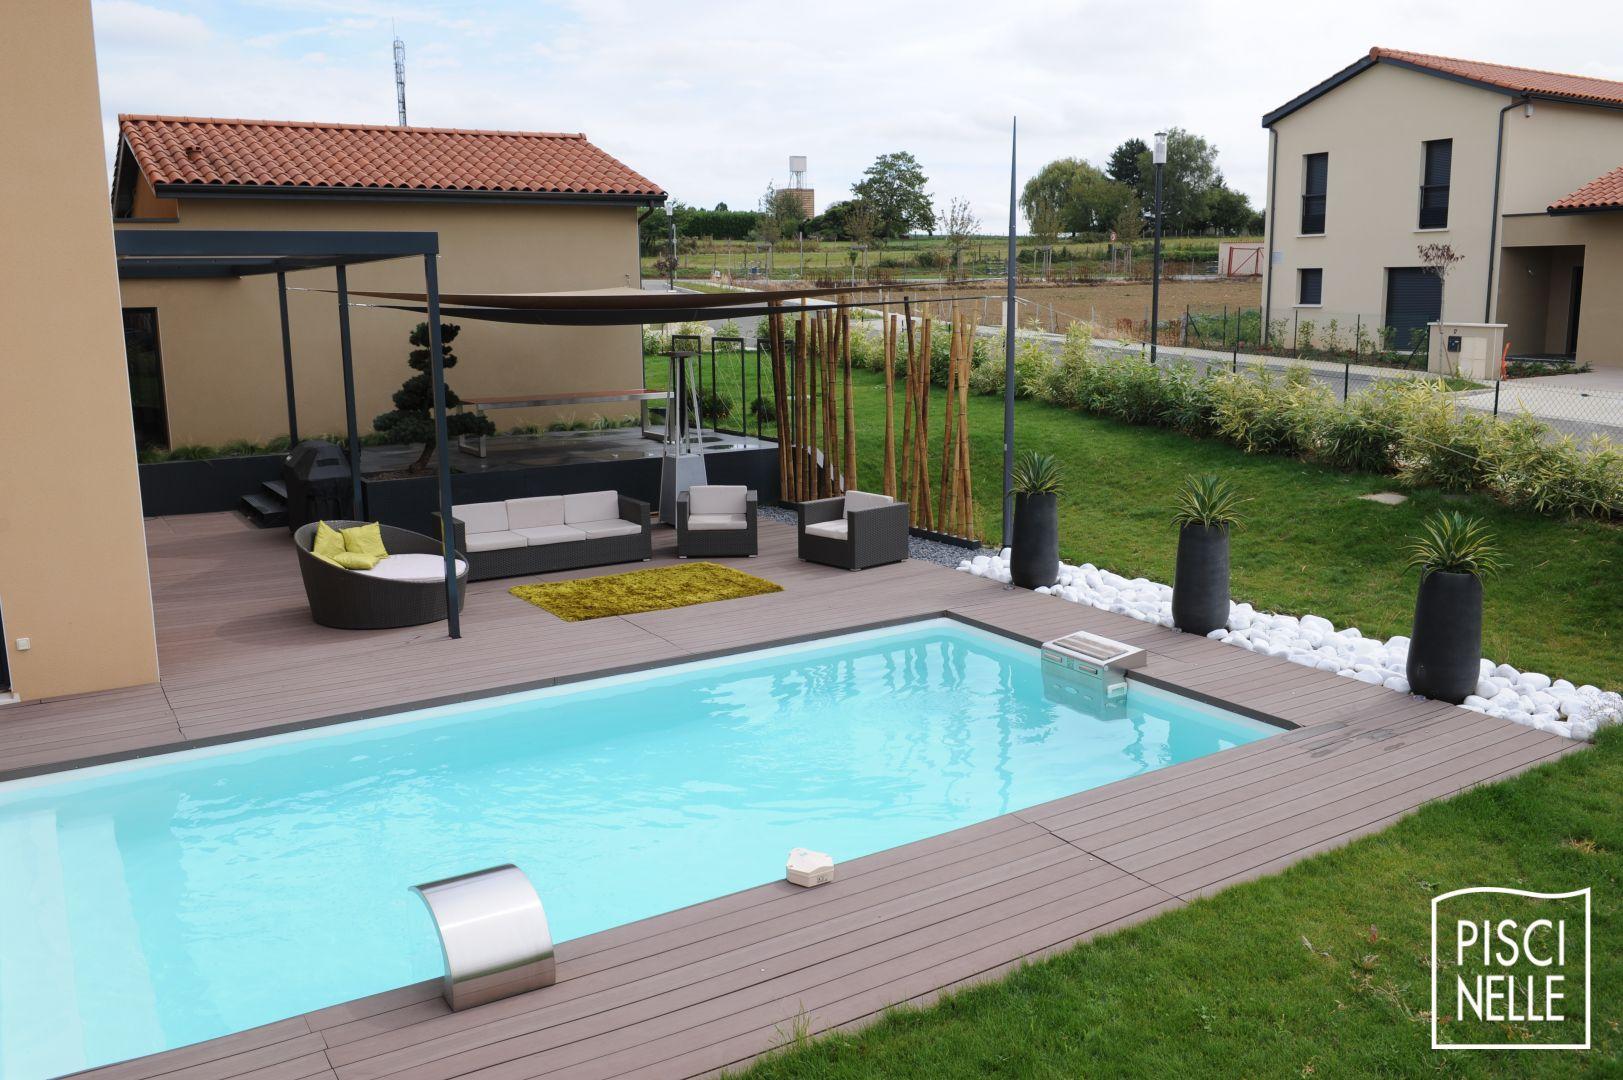 Reportage photo piscine rectangulaire en Gironde - Piscinelle